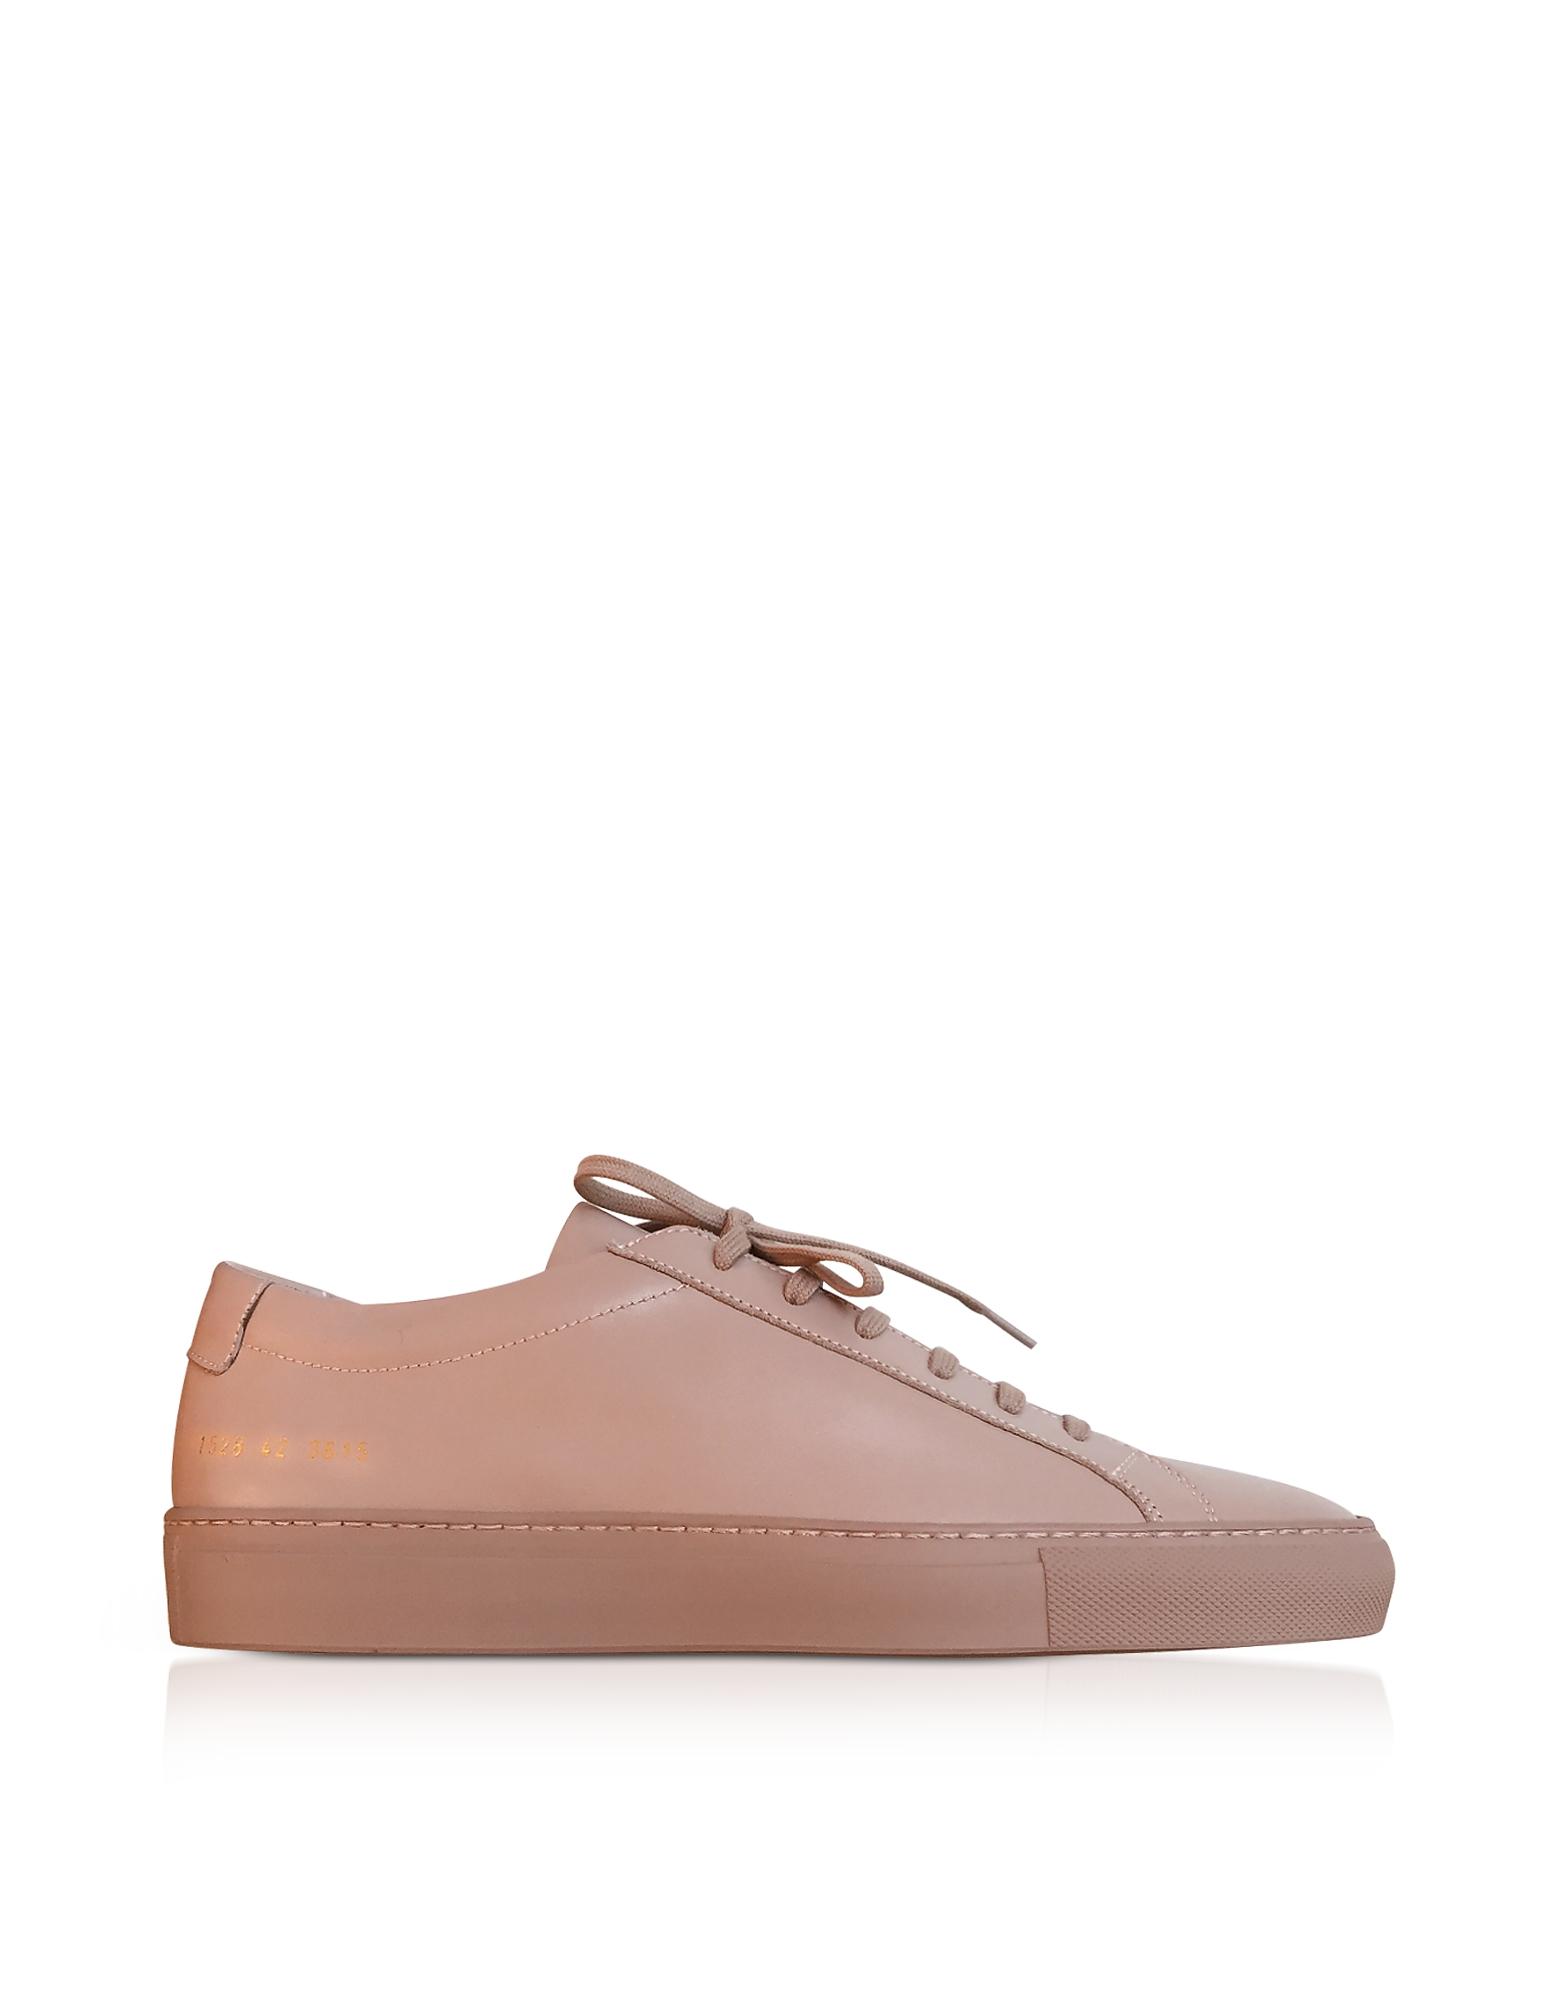 Dusty Pink Leather Original Achilles Low Men's Snaeakers